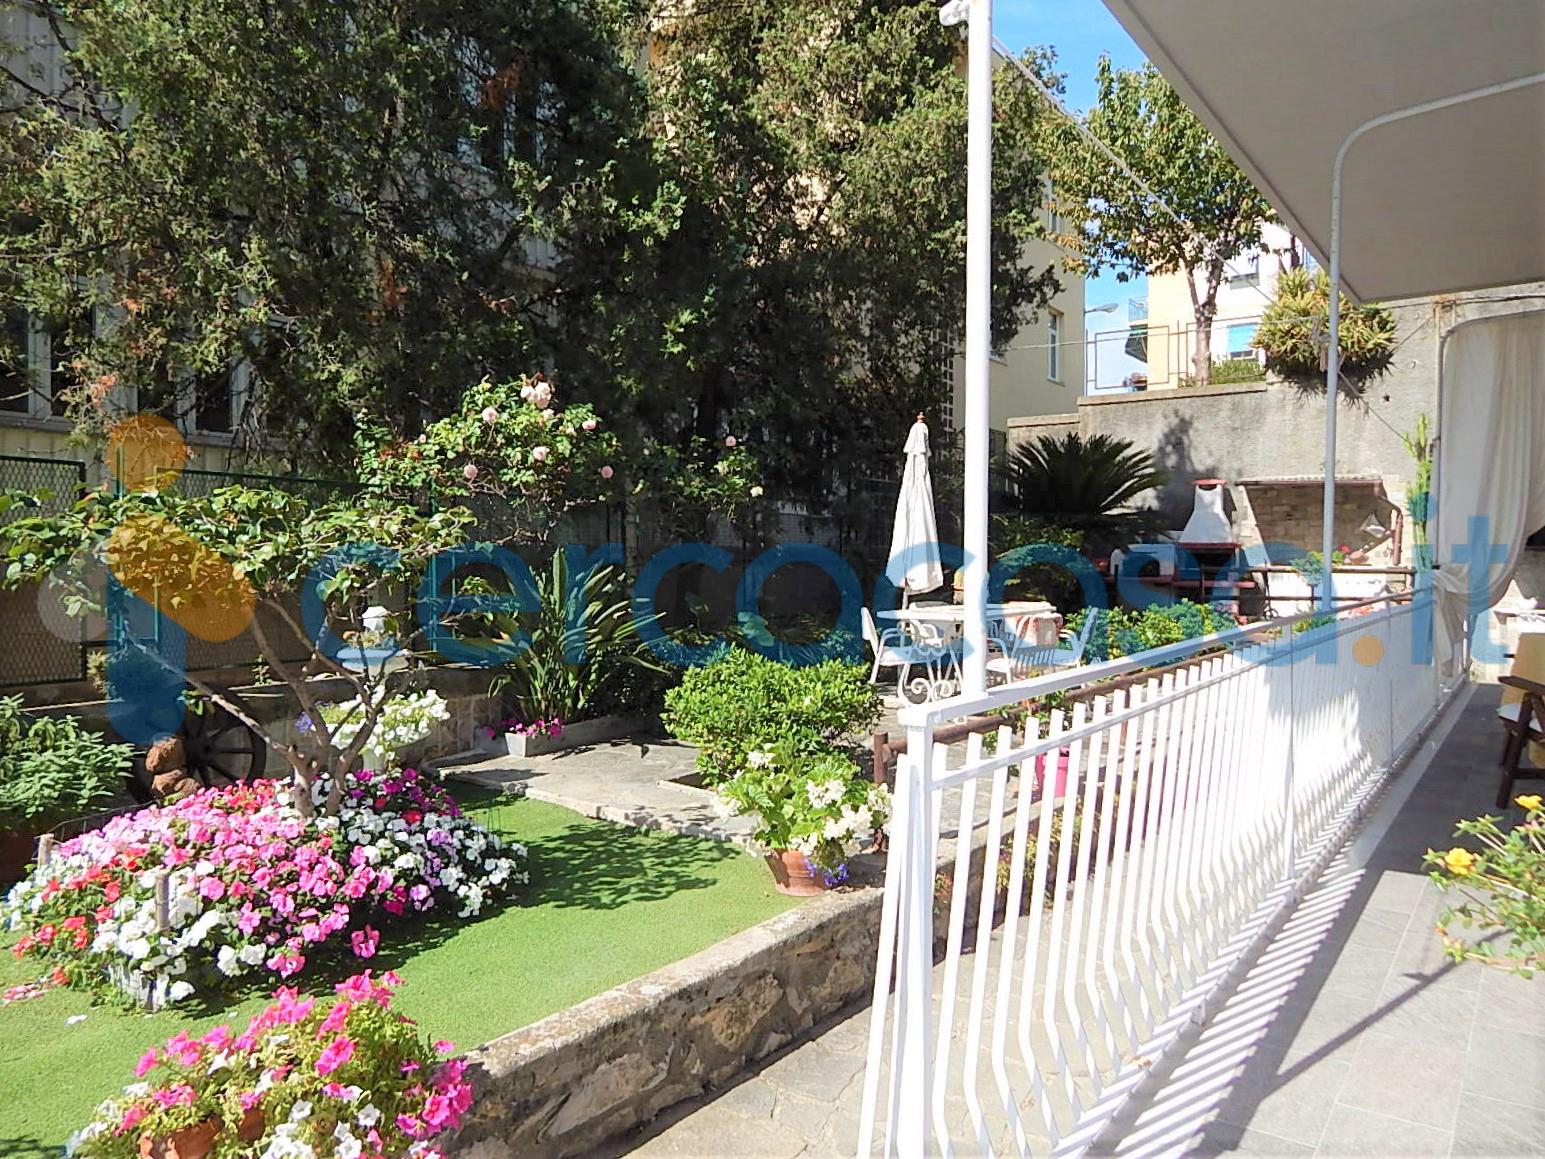 _n_e_r_v_i__003a-_ampio-bilocale-con-giardino-in-contesto-privato